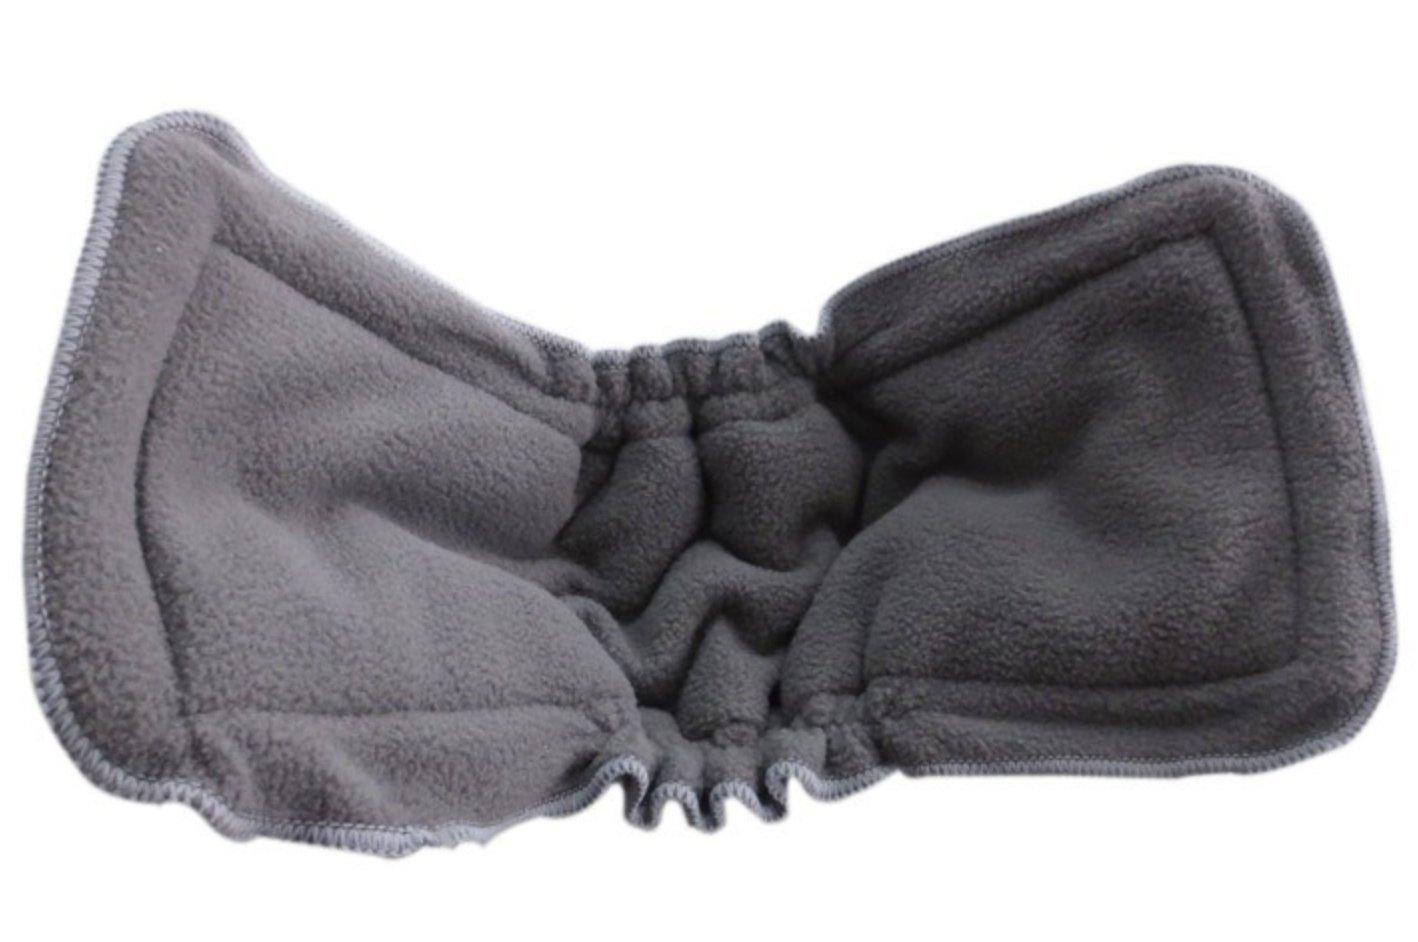 Stoffwindeln in verschiedenen Farben 5er Pack Wiederverwendbare Windeln Pentaton Windeleinlage aus Bambus Baumwolle 5 Lagen